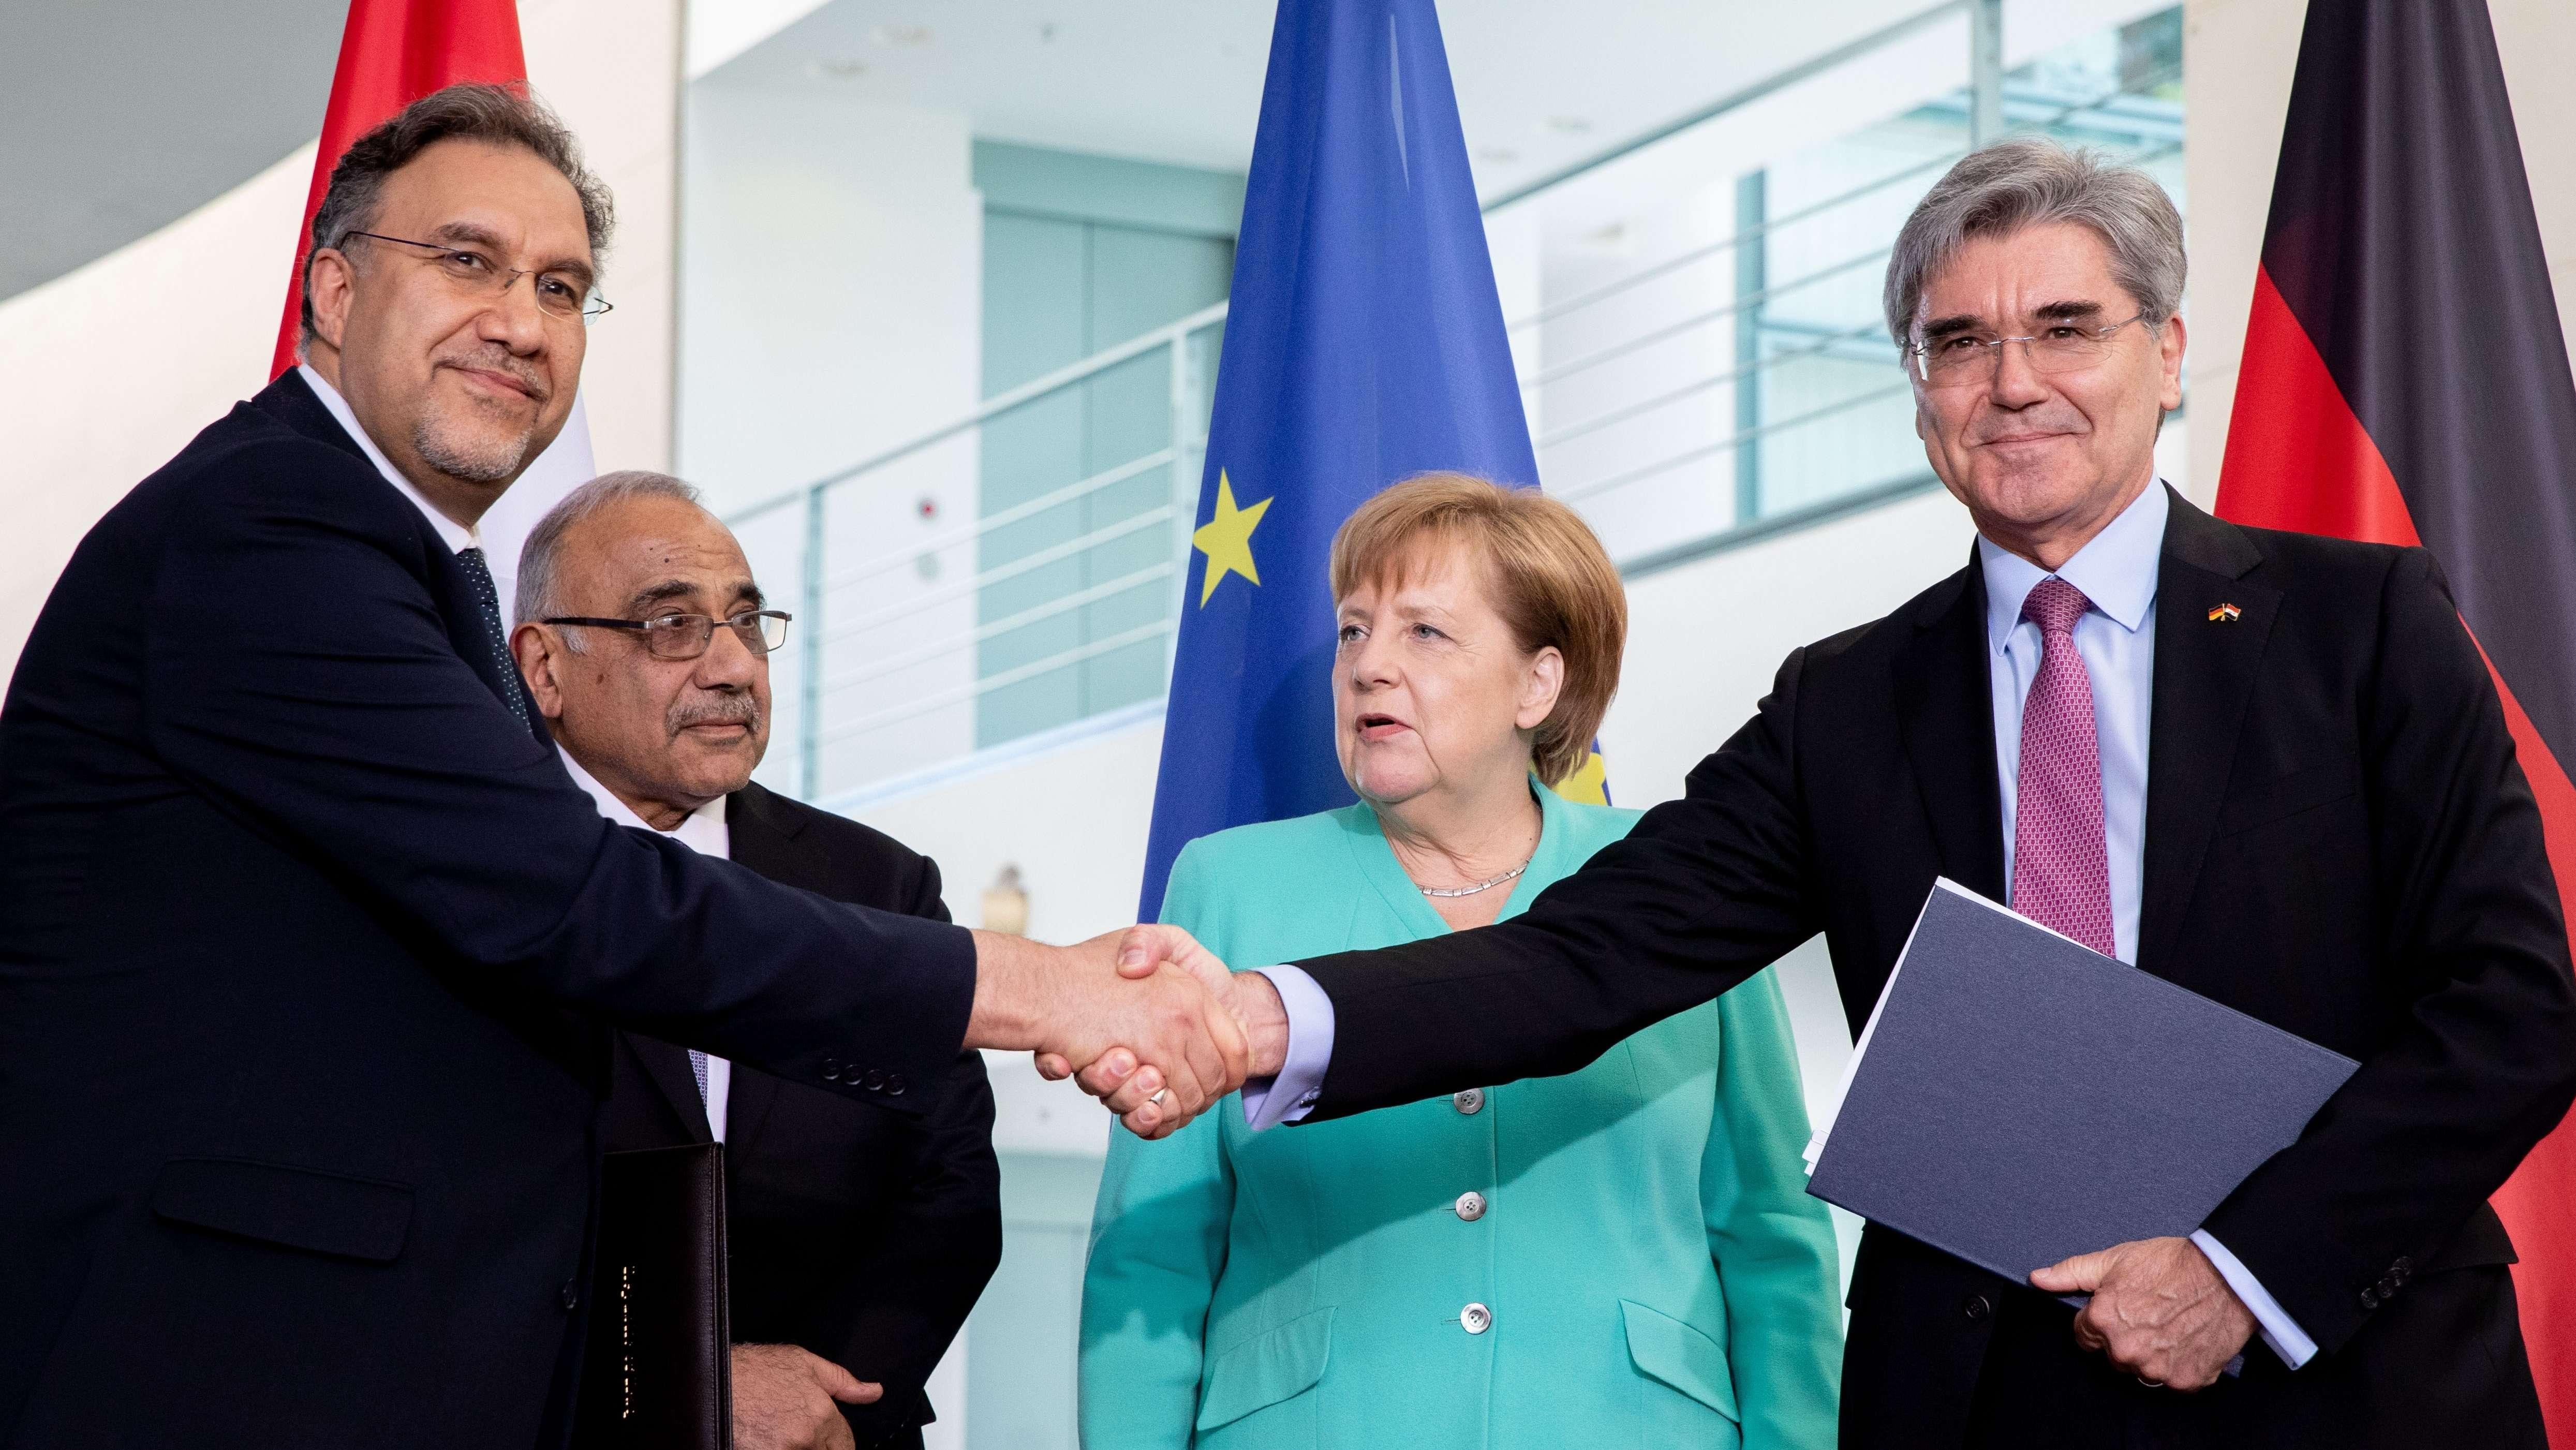 Der irakische Elektrizitätsminister Luay Al-Khateeb und Siemens-Chef Joe Kaeser schütteln Hände.